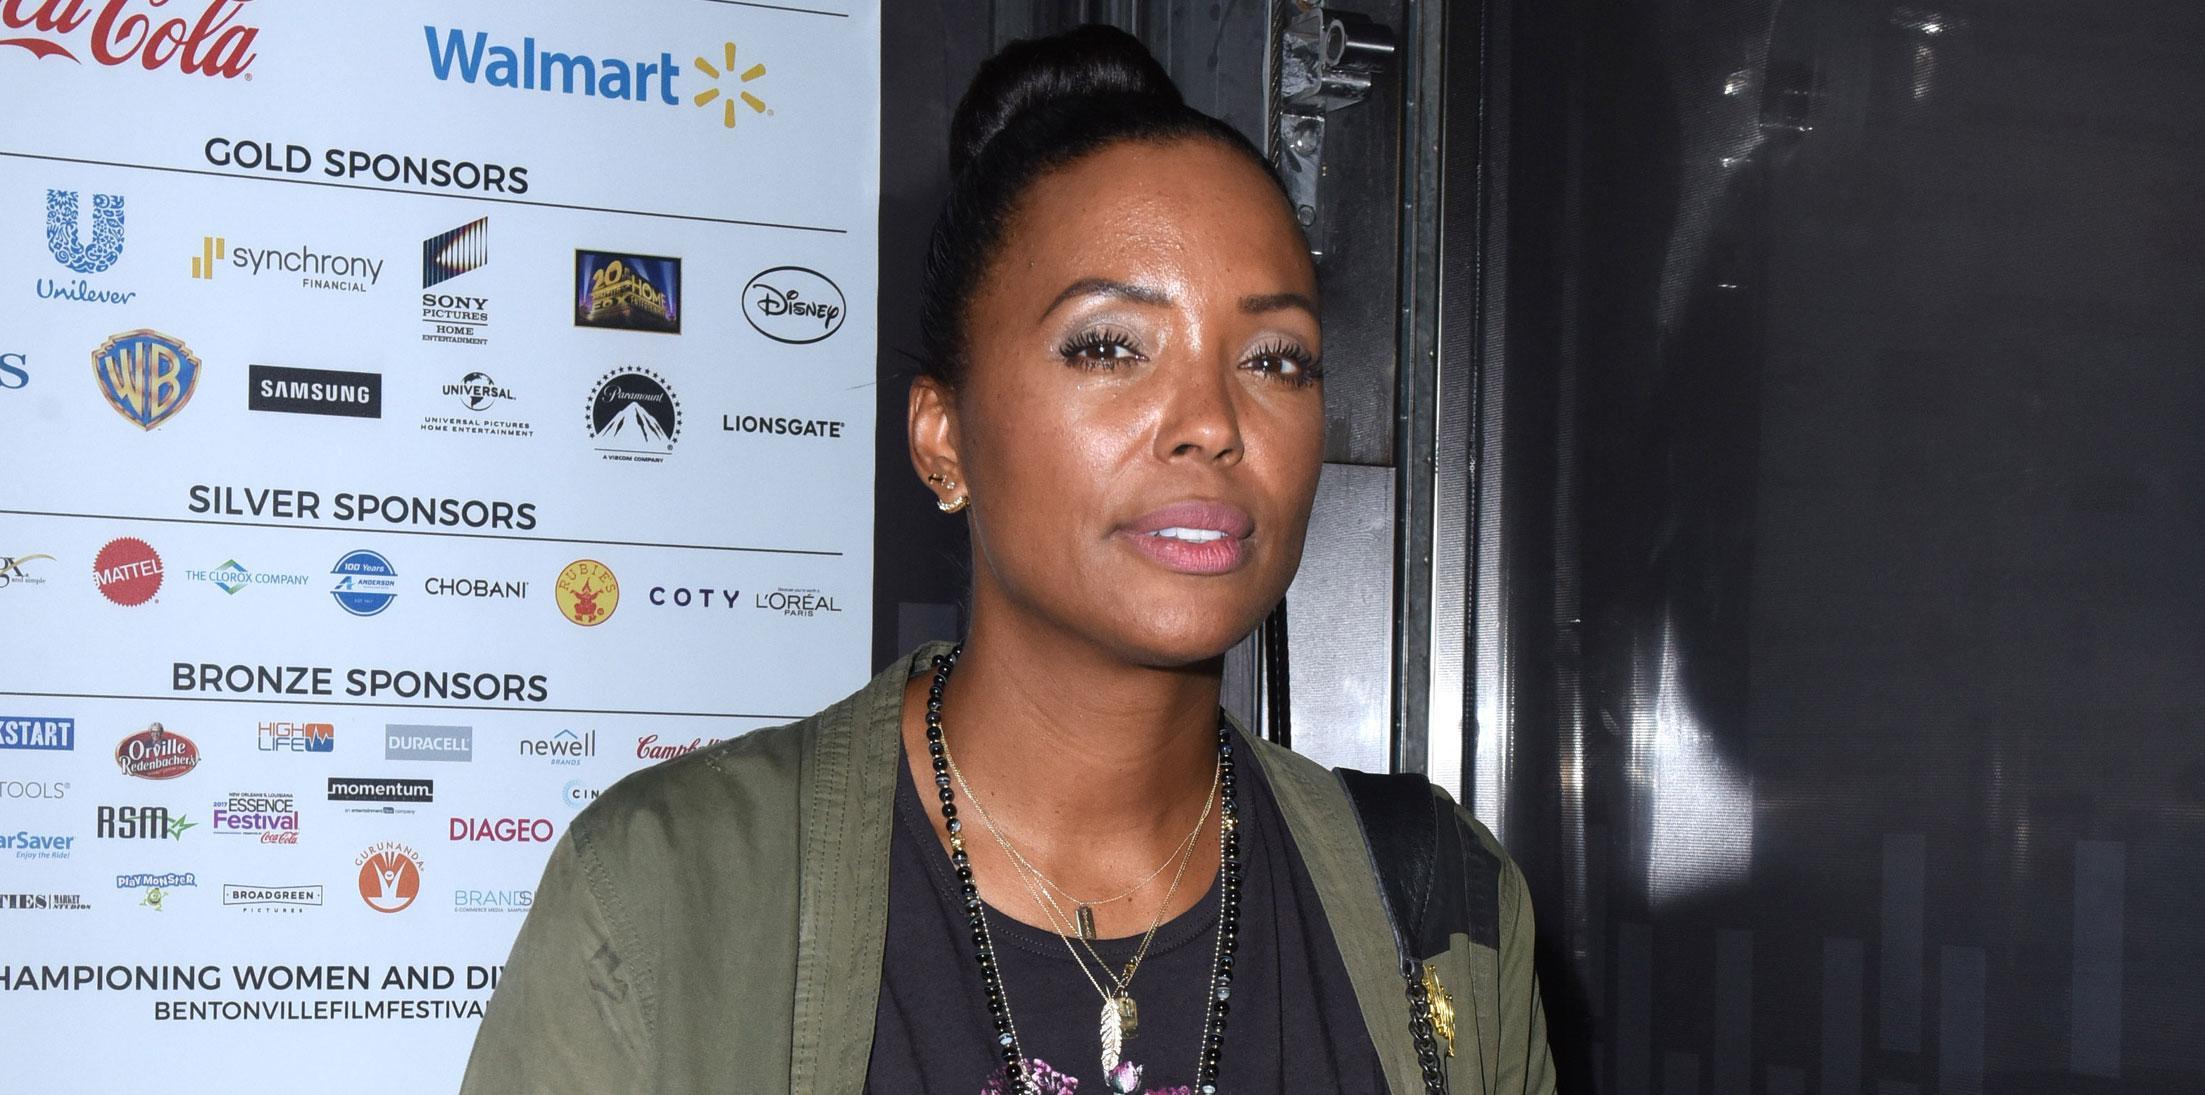 Aisha tyler debuts axis bentonville film festival